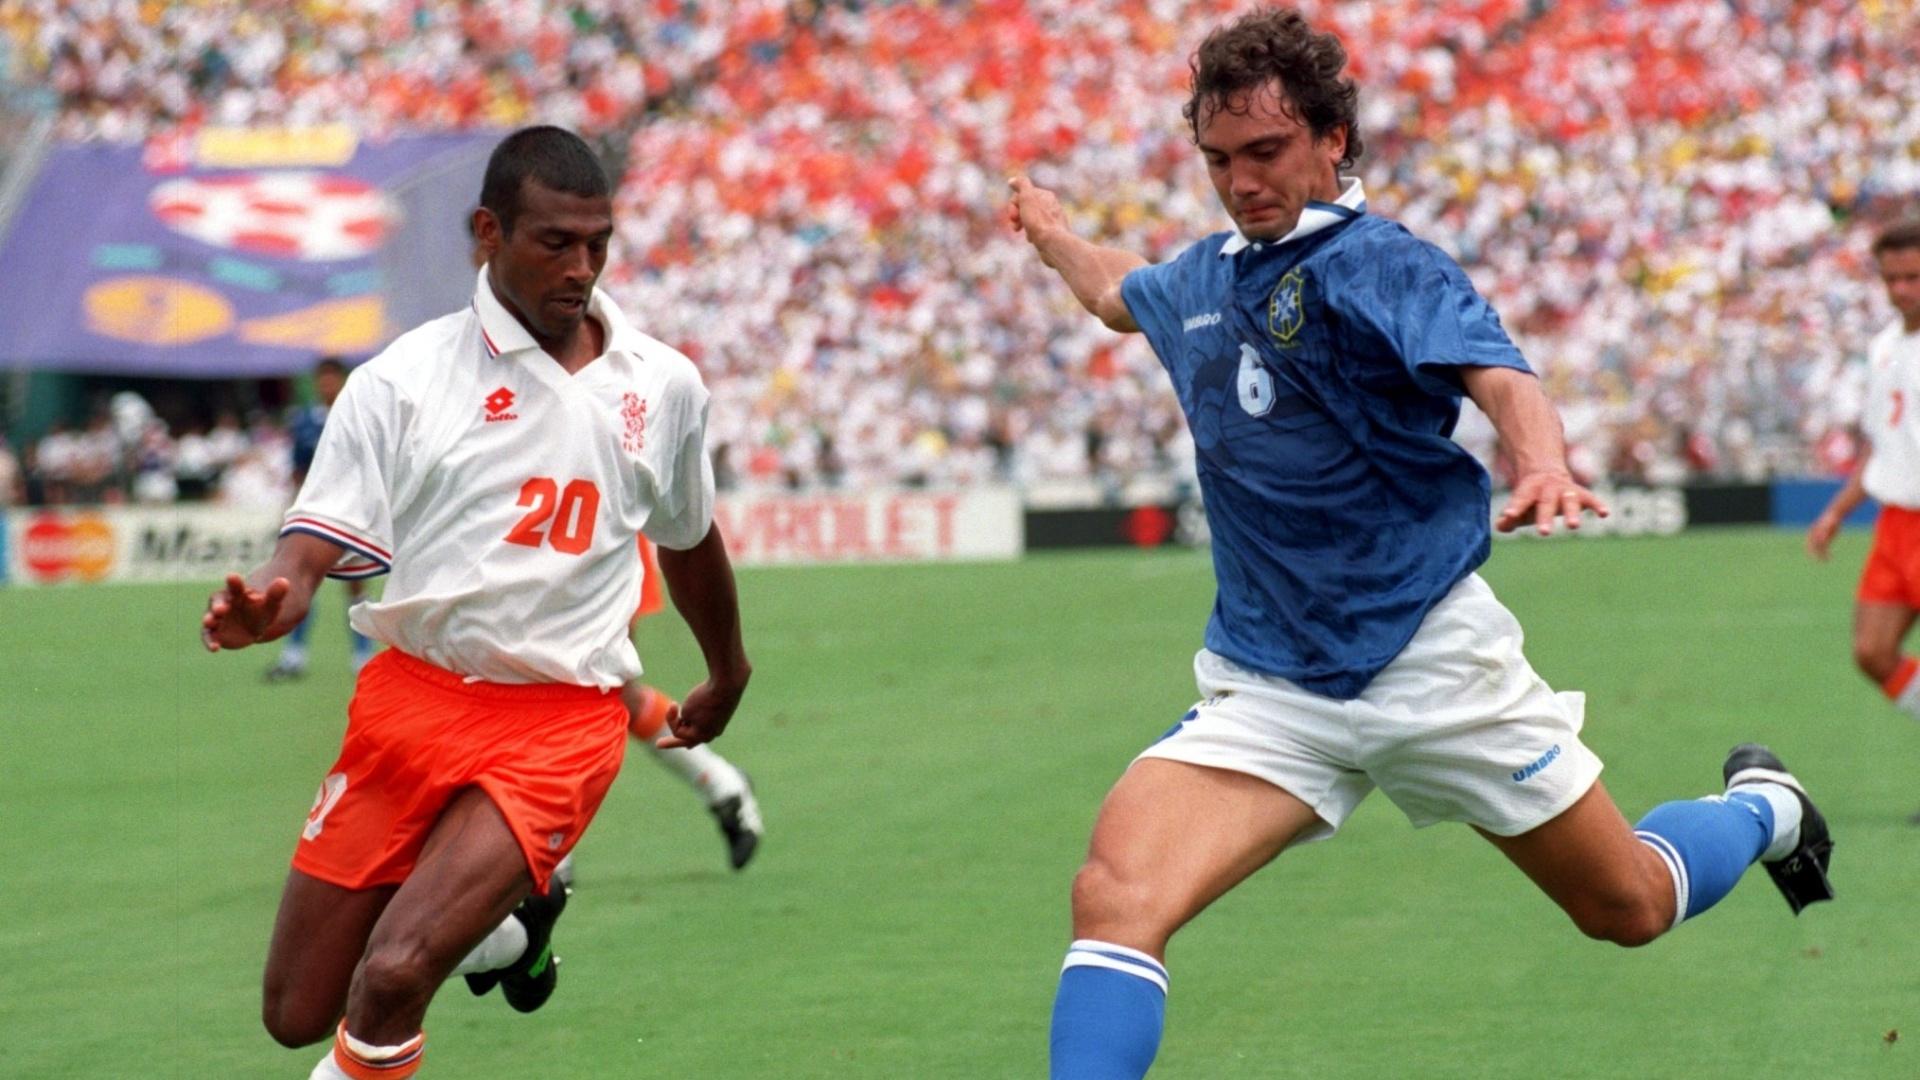 Branco em lance do jogo contra a Holanda na Copa do Mundo de 1994